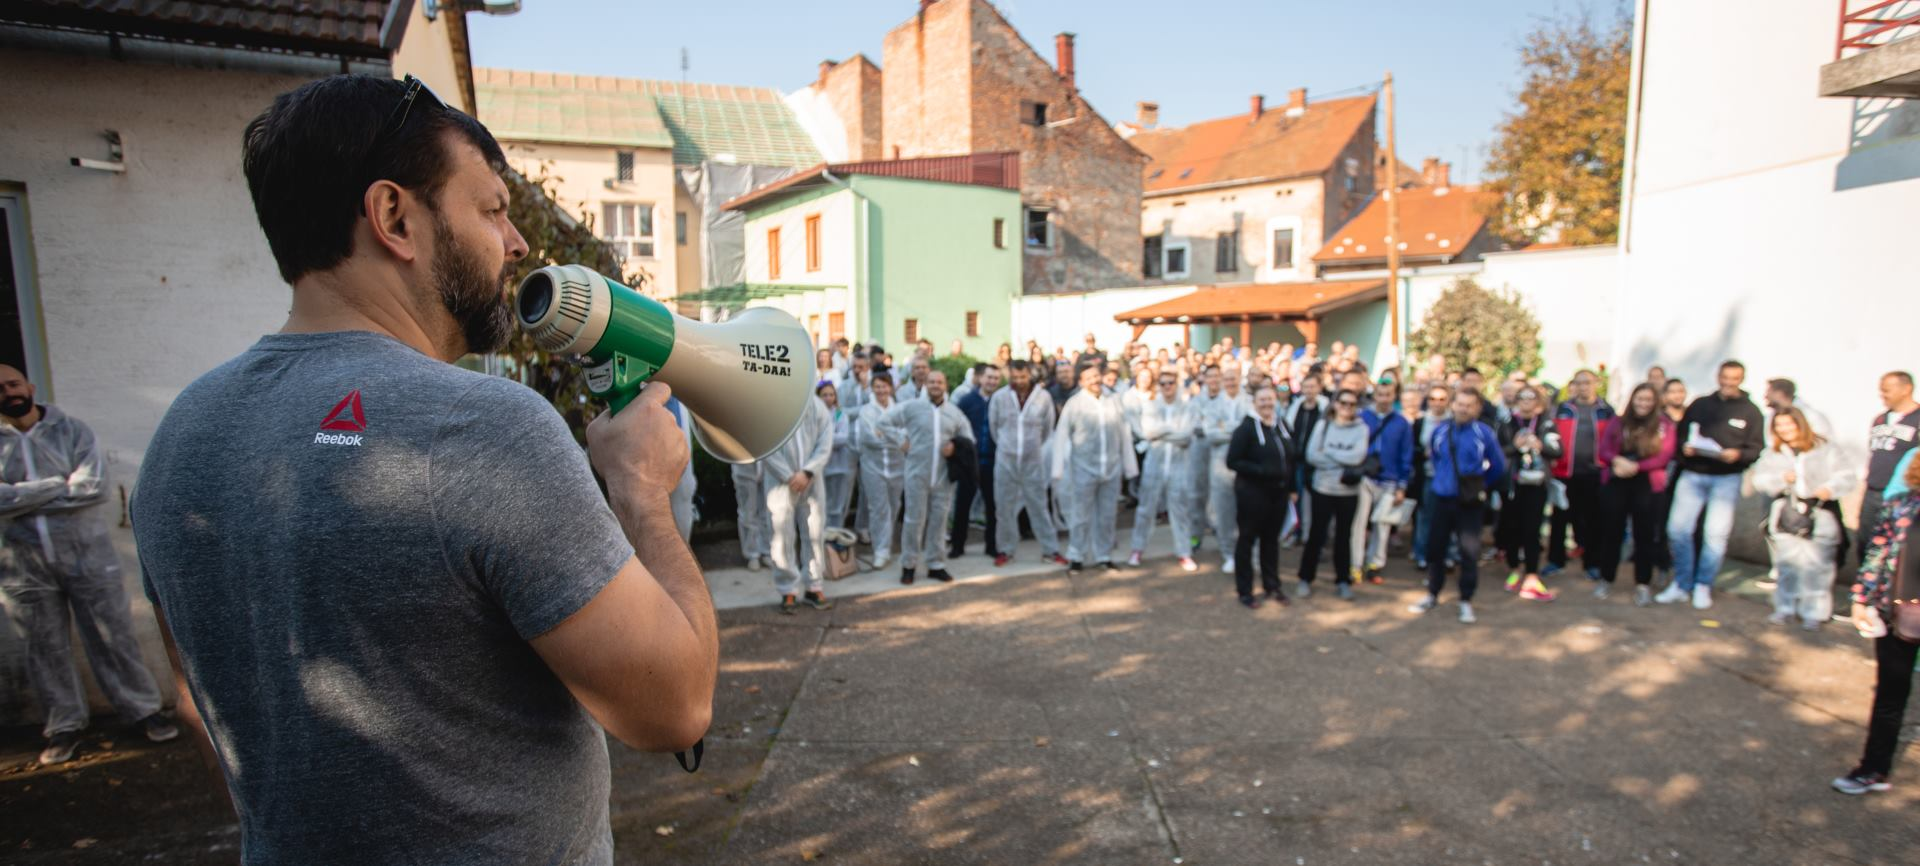 Tele2 djelatnici proslavili rođendan radno-humanitarnom akcijom